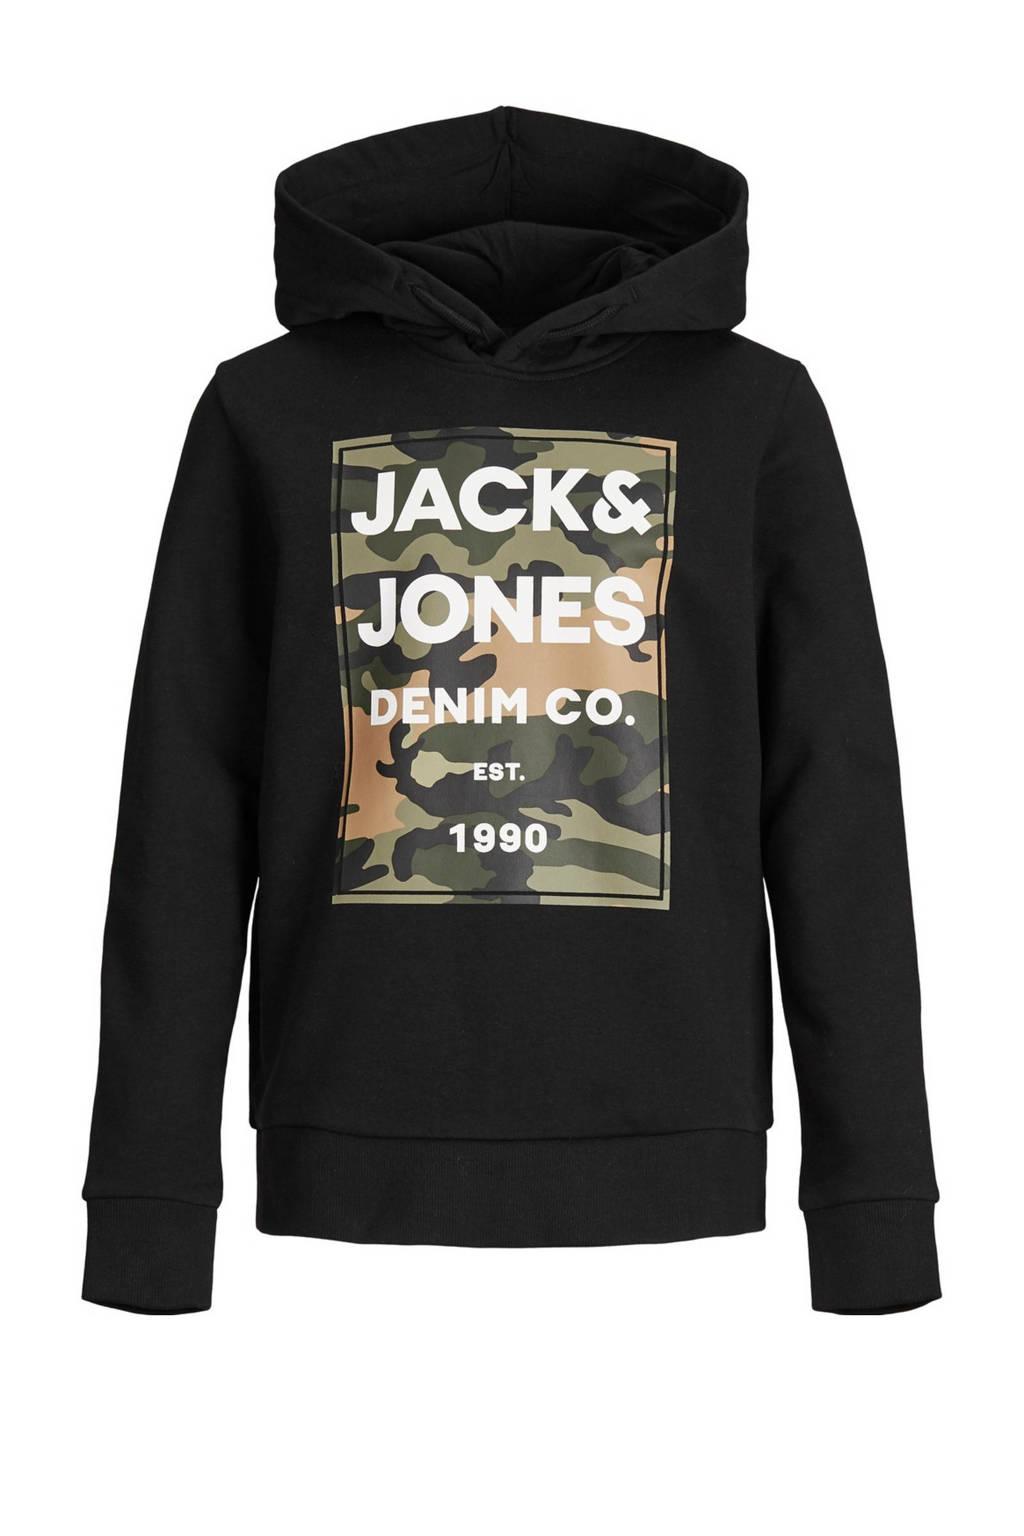 JACK & JONES JUNIOR hoodie Amoman met printopdruk zwart, Zwart